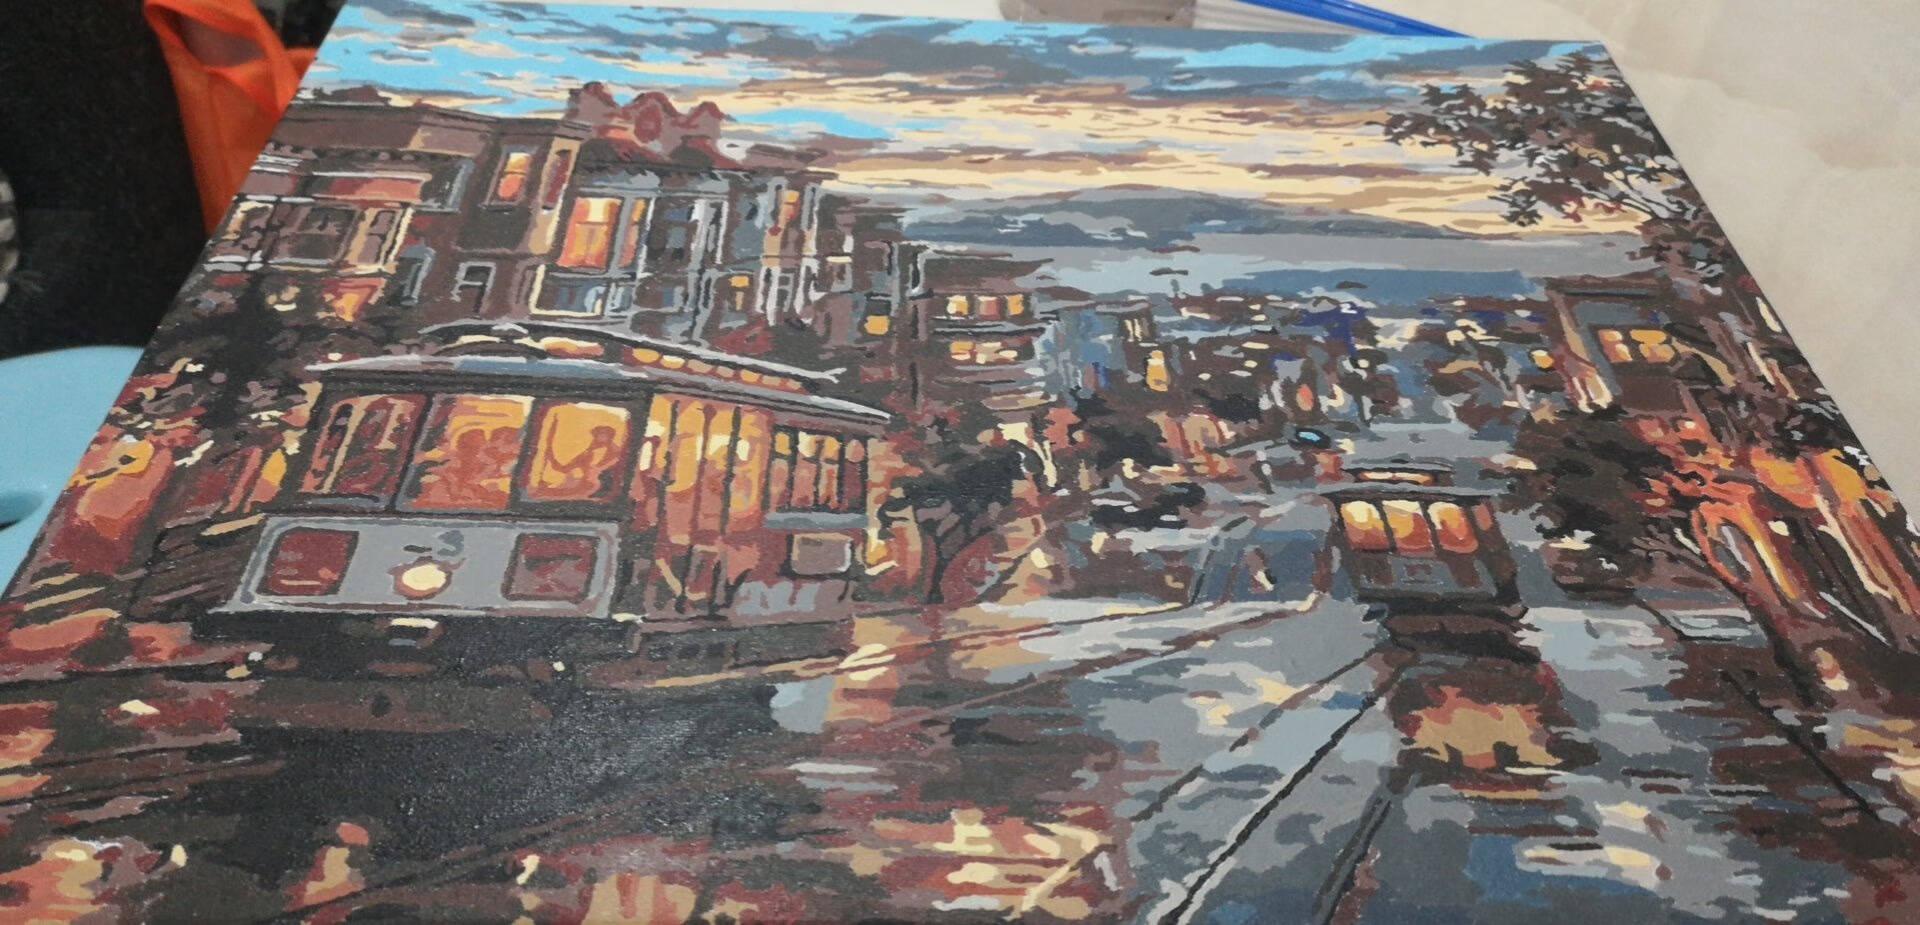 史历克手工diy数字油画手绘上色填色油画客厅餐厅卧室沙发背景墙现代简约装饰画111741117440*50cm(已绑木框)